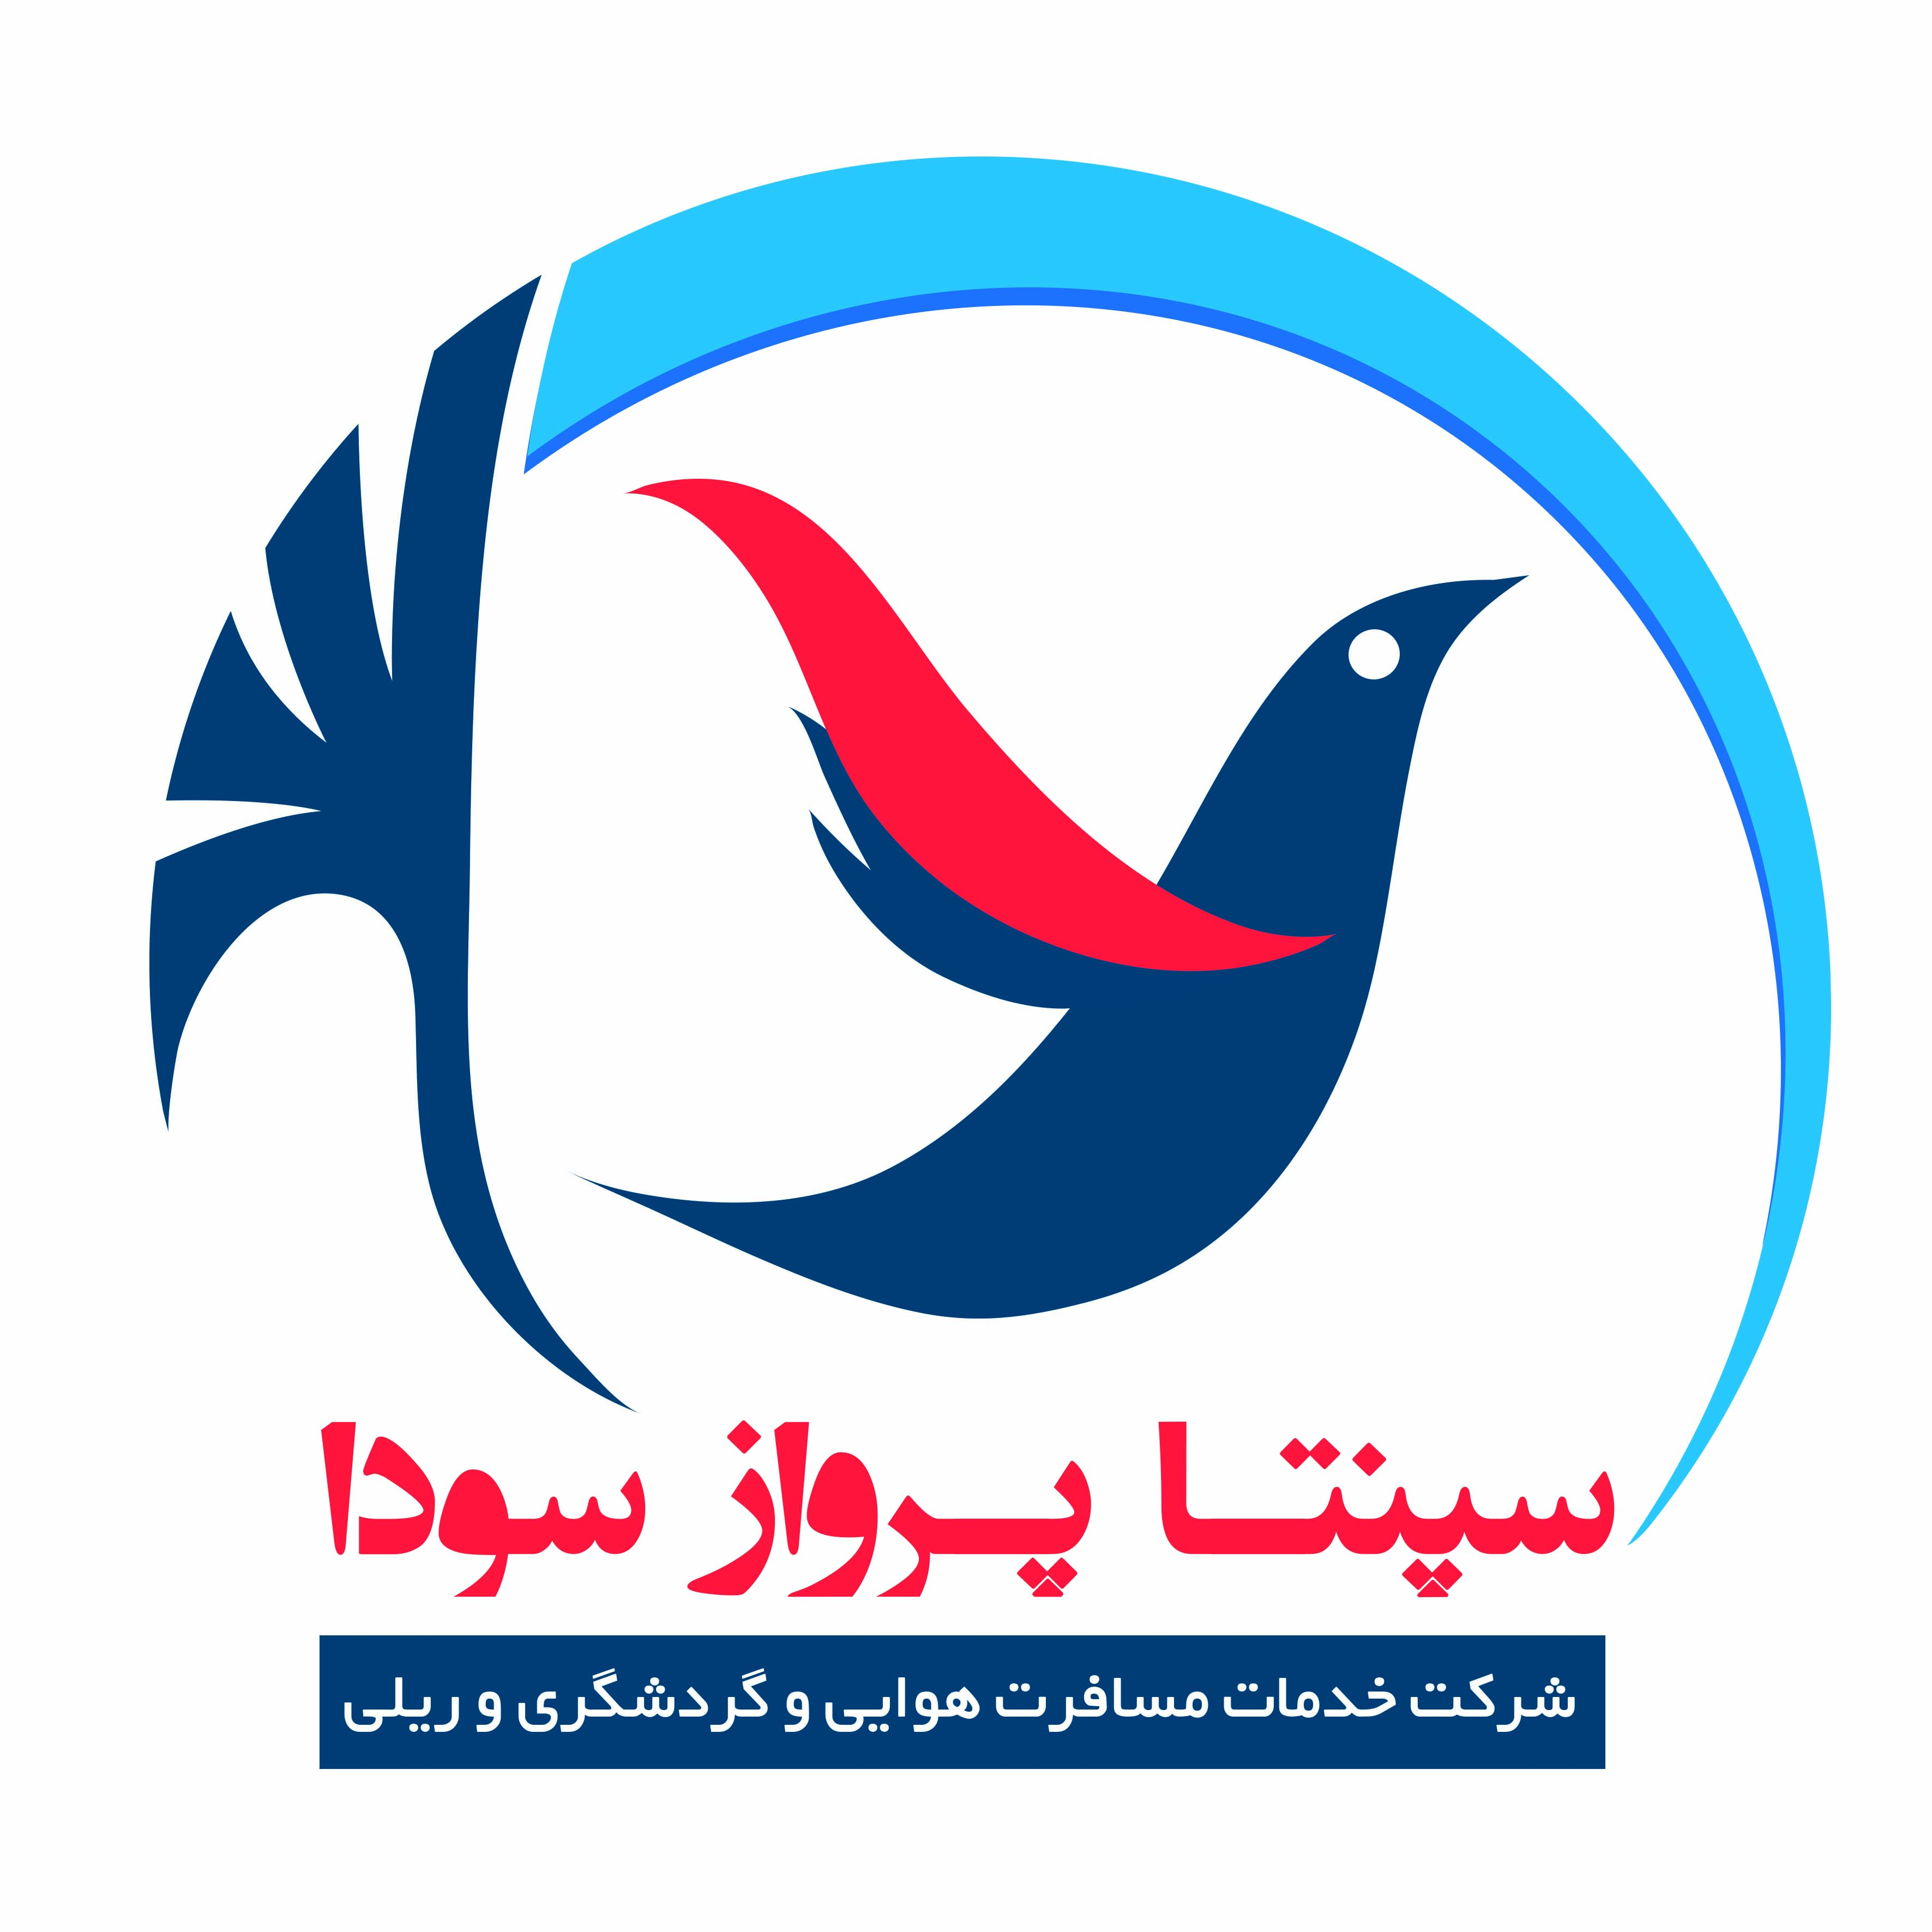 شرکت خدمات مسافرت هوایی و گردشگری و ریلی سپنتاپرواز سودا